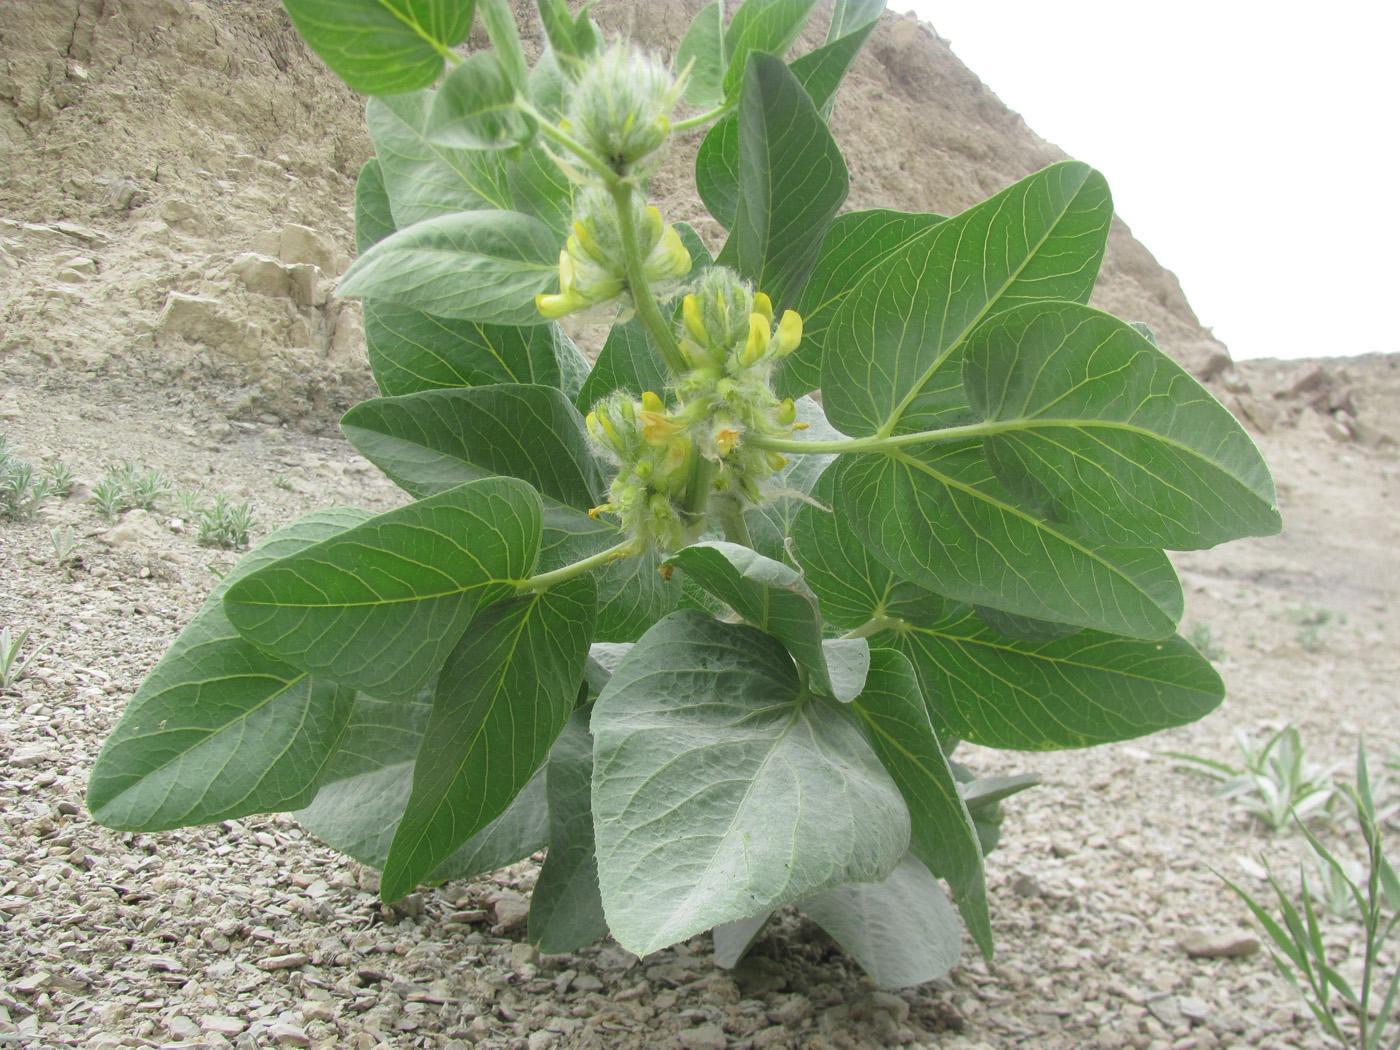 Изображение растения Astragalus terrae-rubrae.